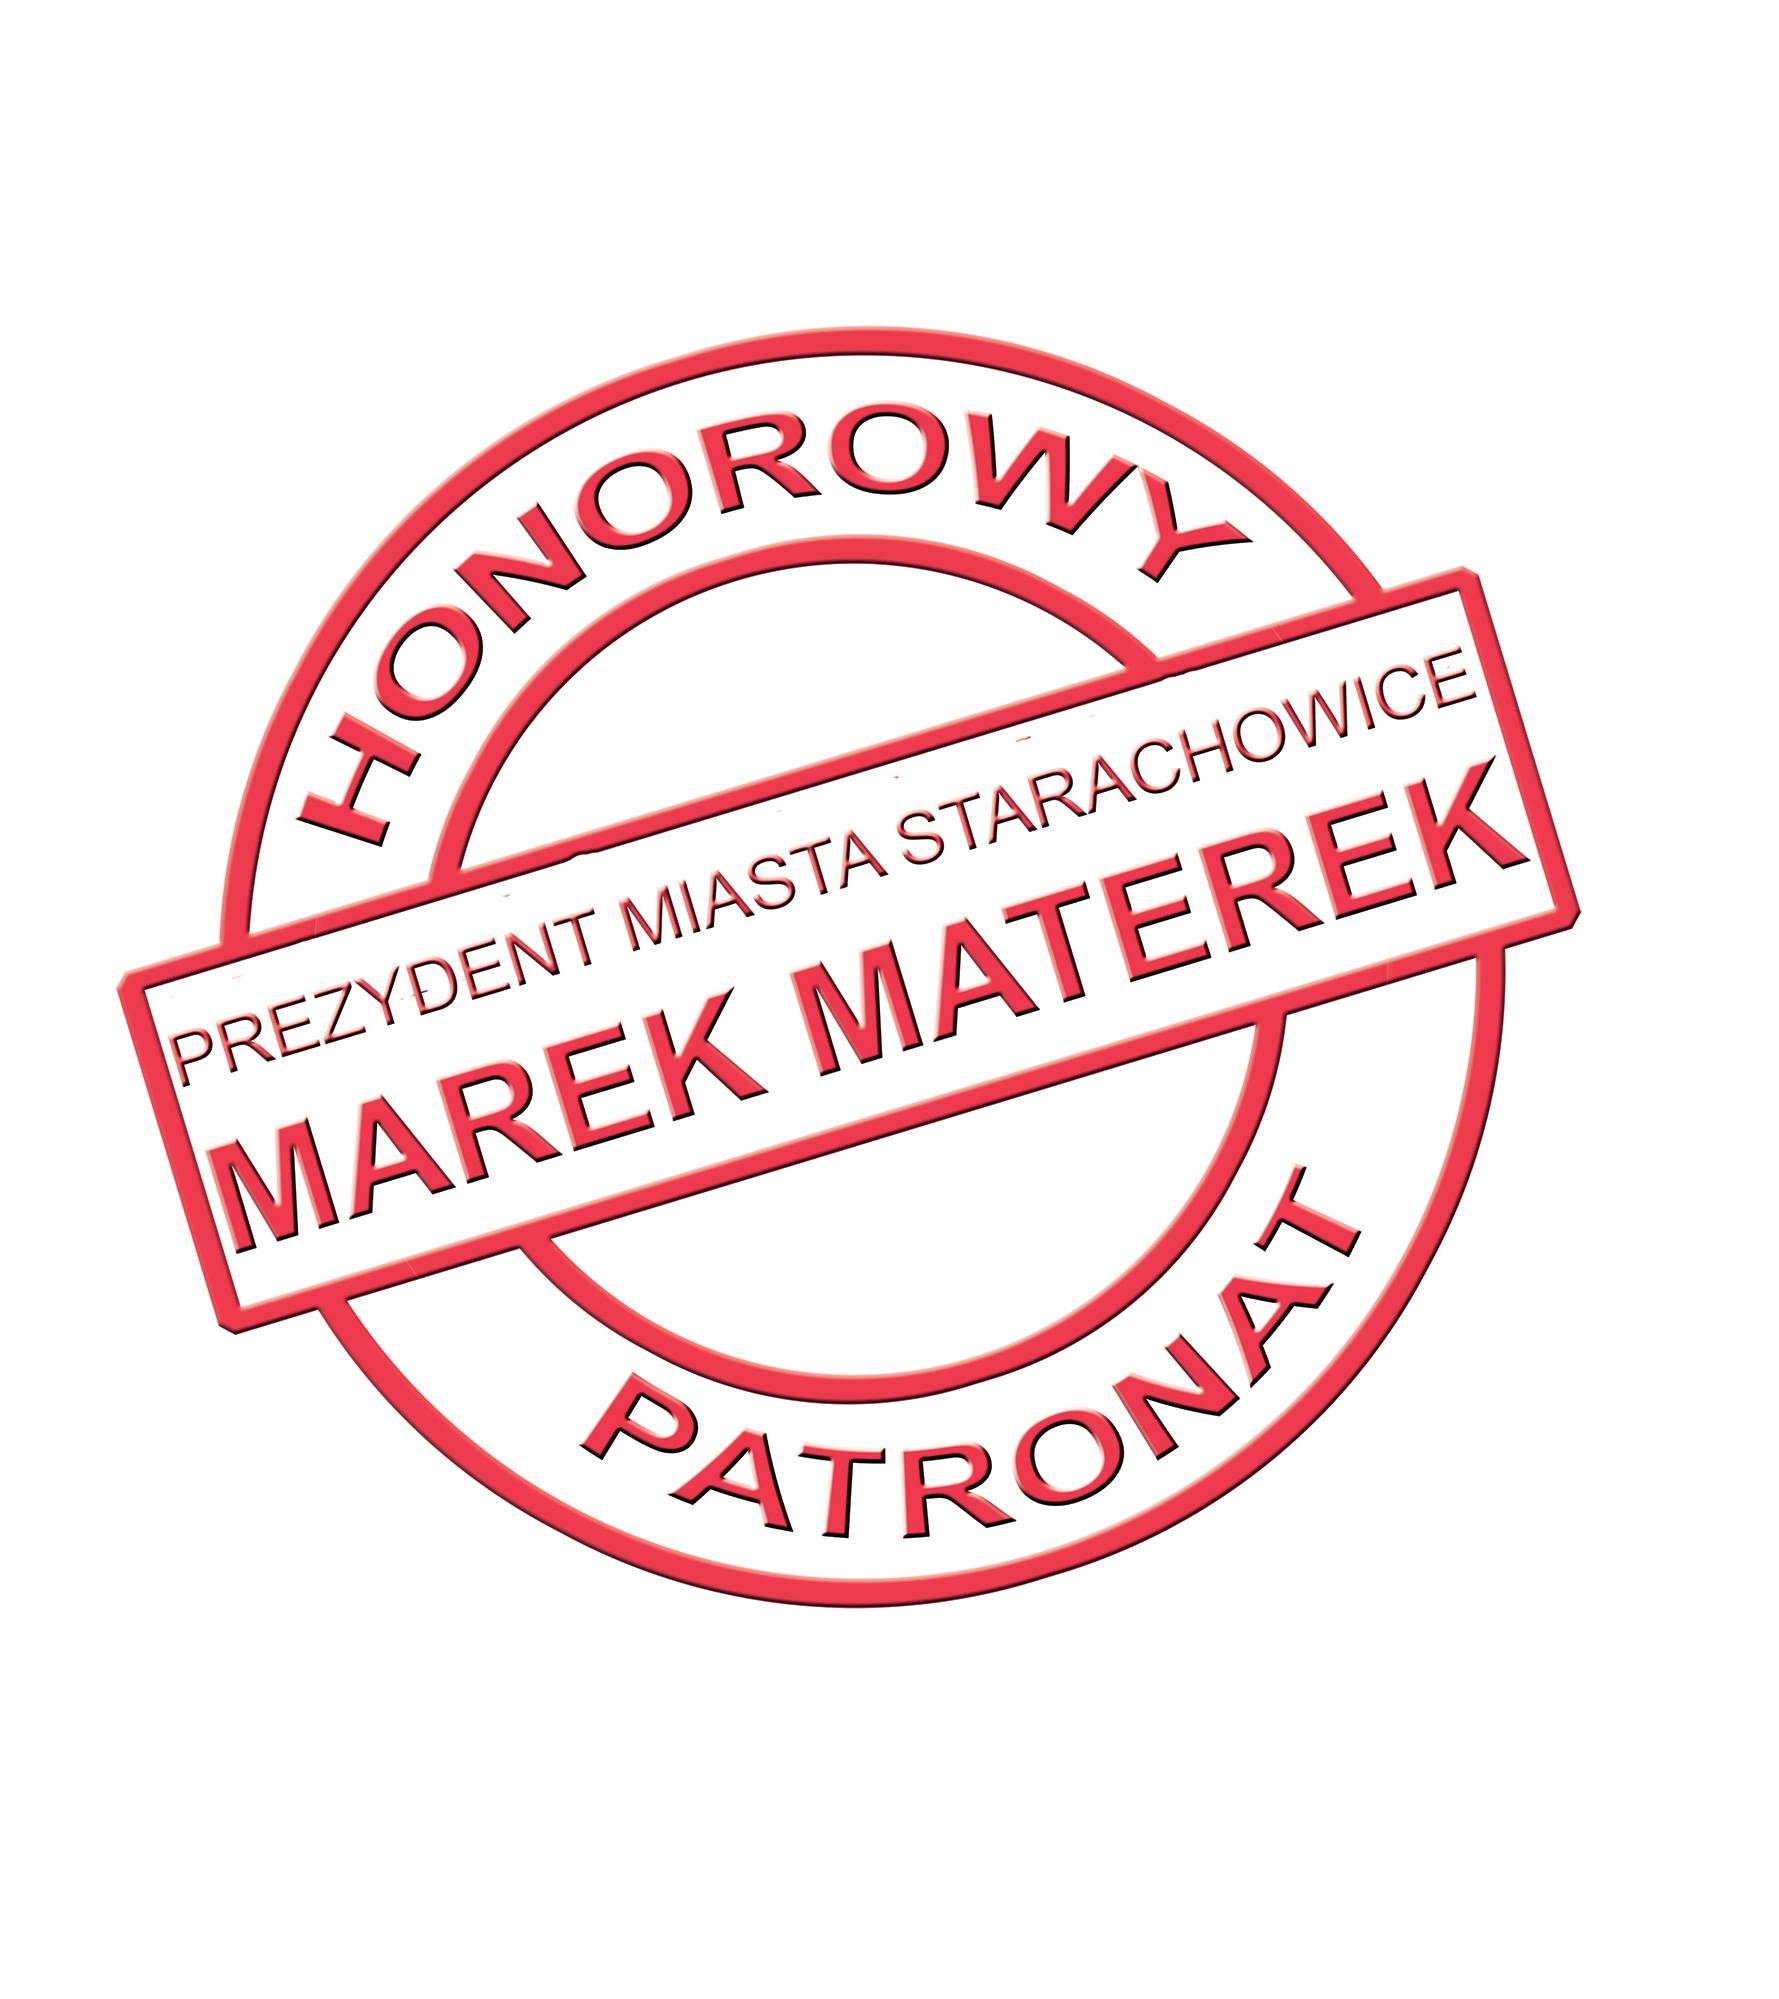 patronat prezydenta Marka Materka